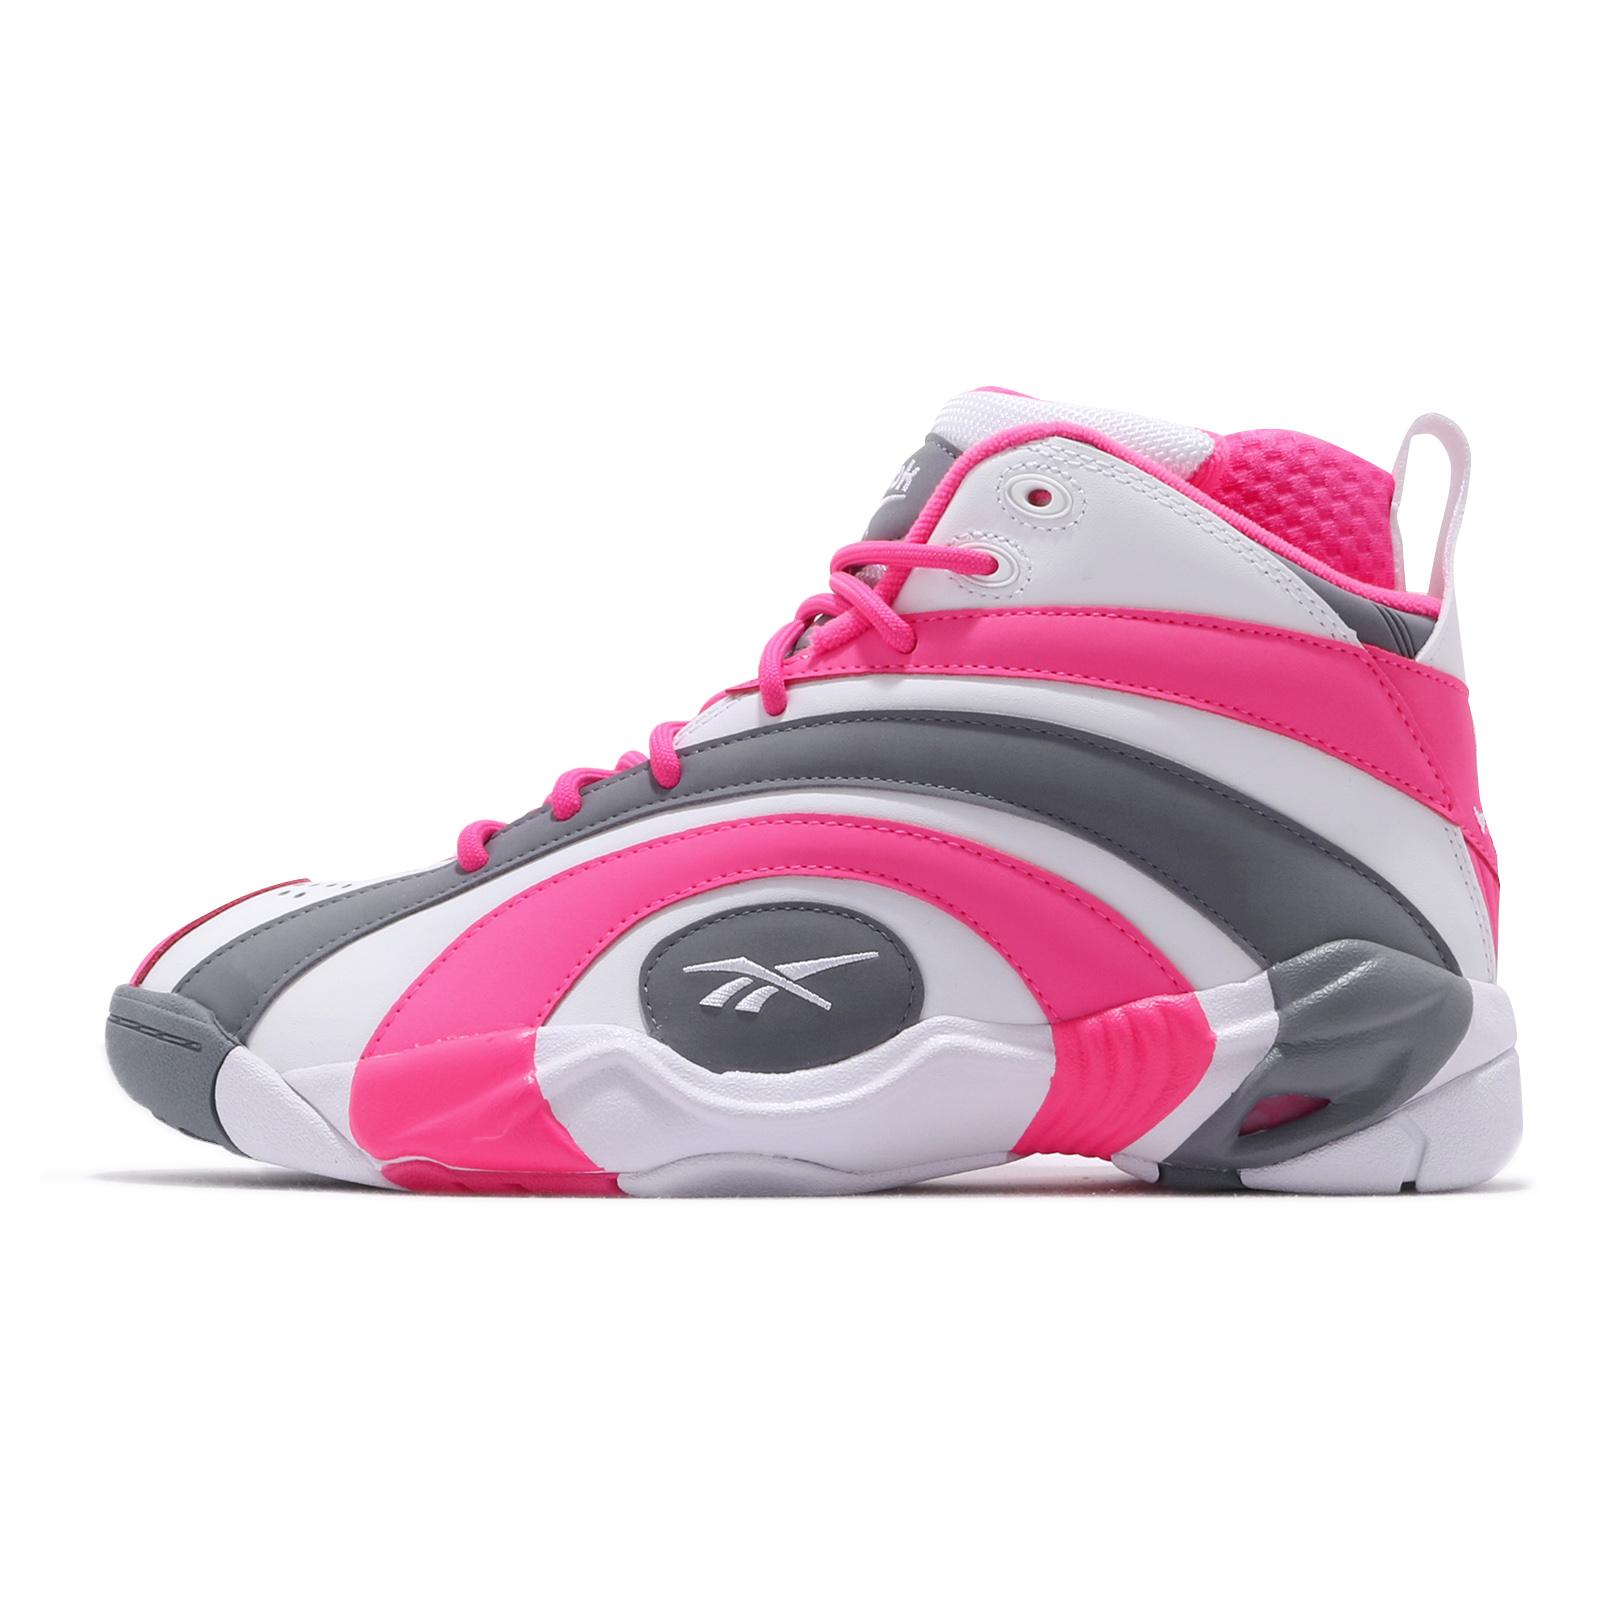 Reebok 籃球鞋 Shaqnosis 白 灰 粉紅 年輪鞋 男鞋 大歐 歐尼爾 男鞋 復刻款【ACS】 EF3074